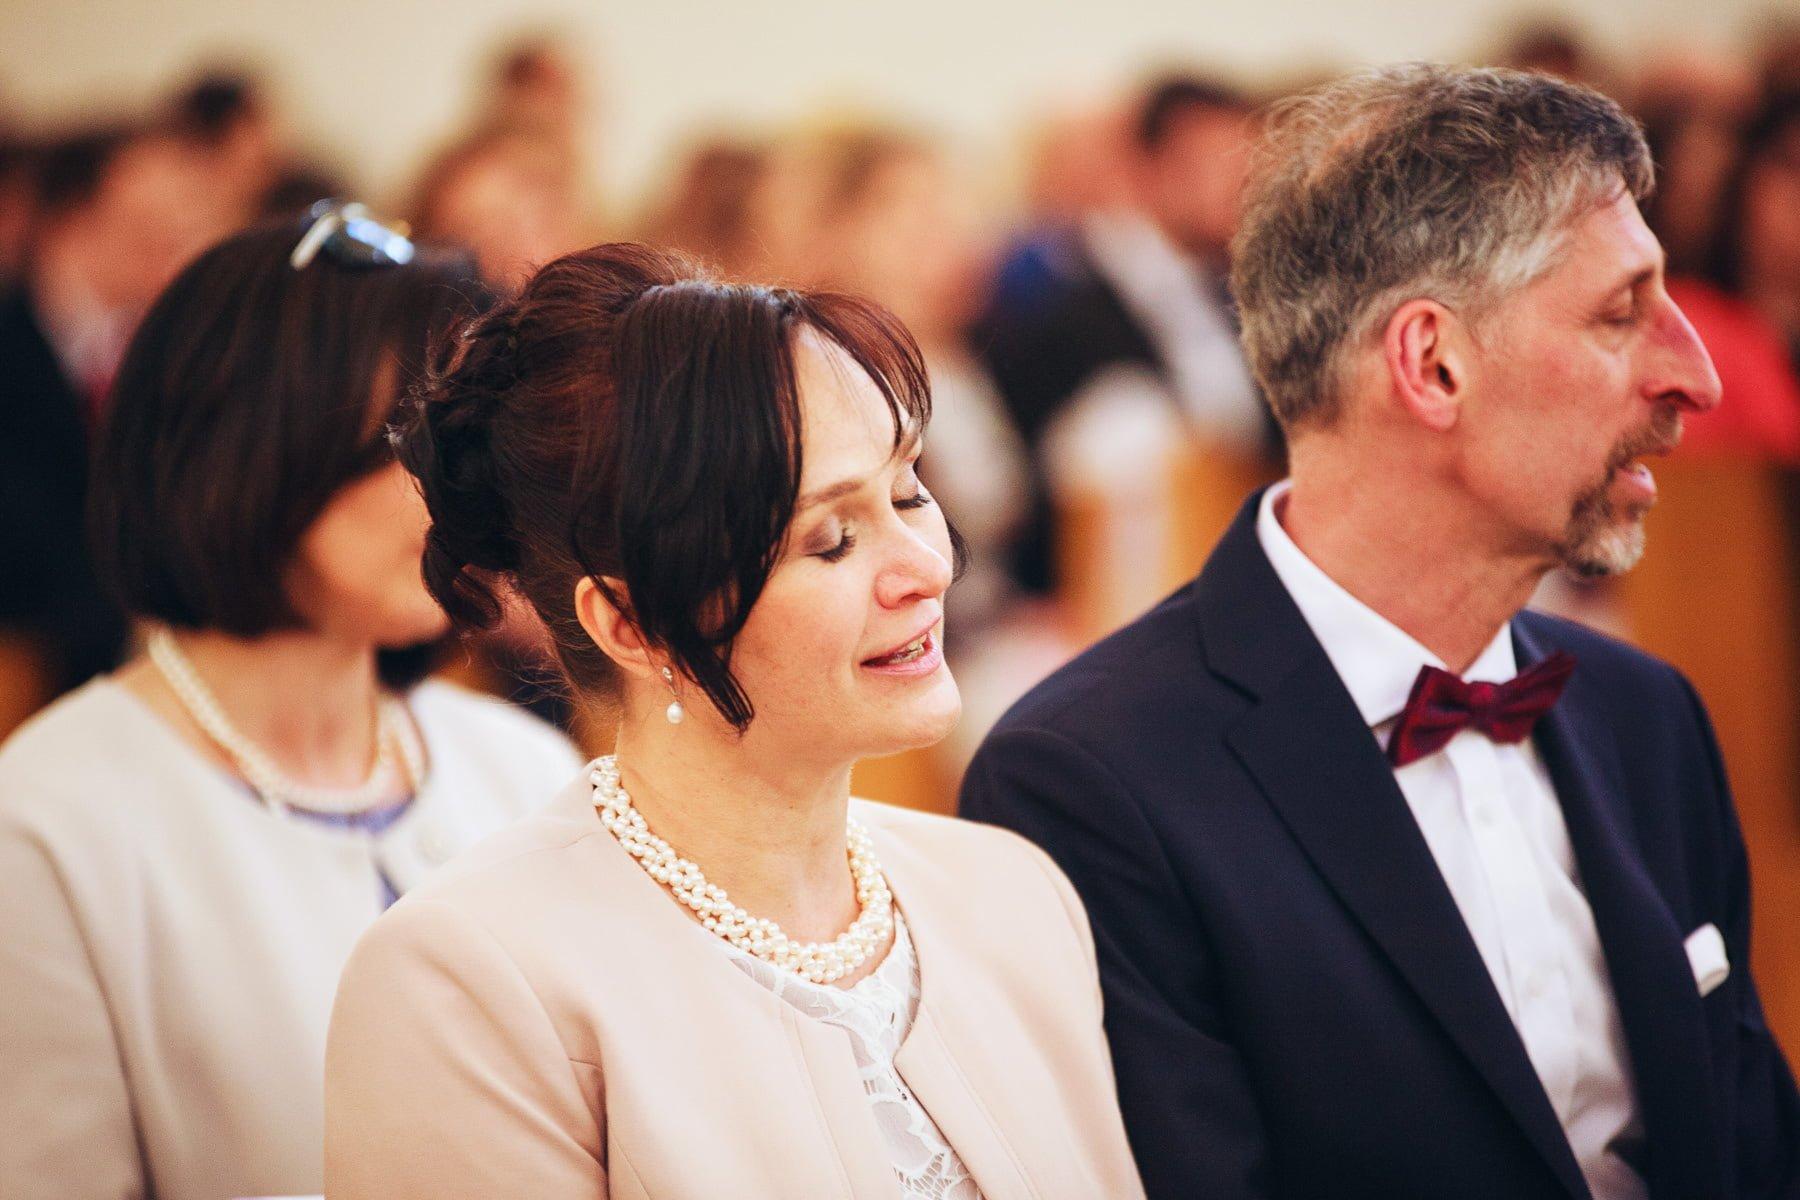 fotograf slub bielsko biala ania maciej 76 - Ślub w Bielsku-Białej - ANIA & MACIEJ